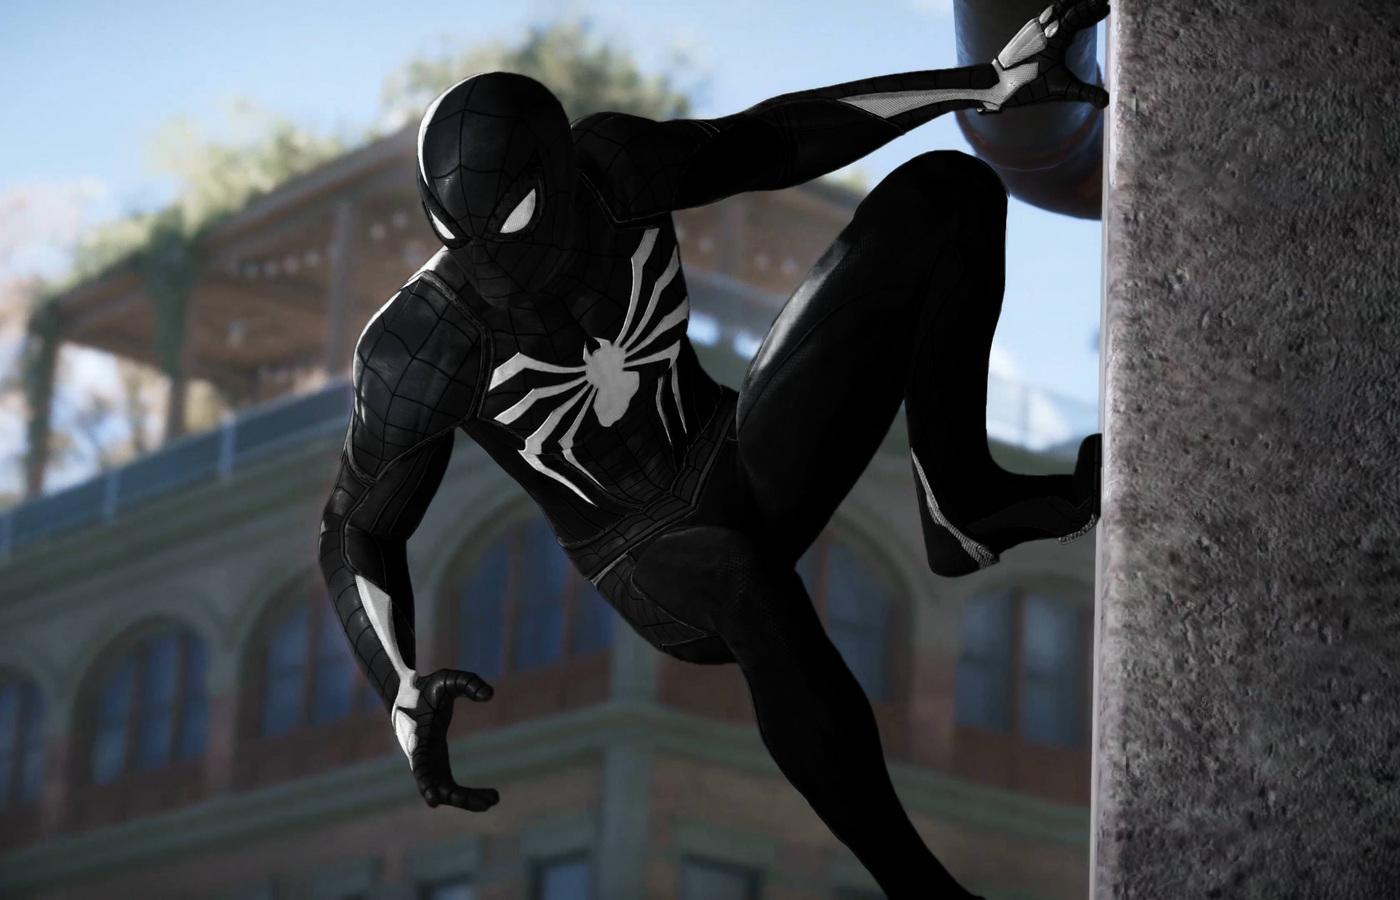 1400x900 Black Spiderman 4k 1400x900 Resolution Hd 4k Wallpapers